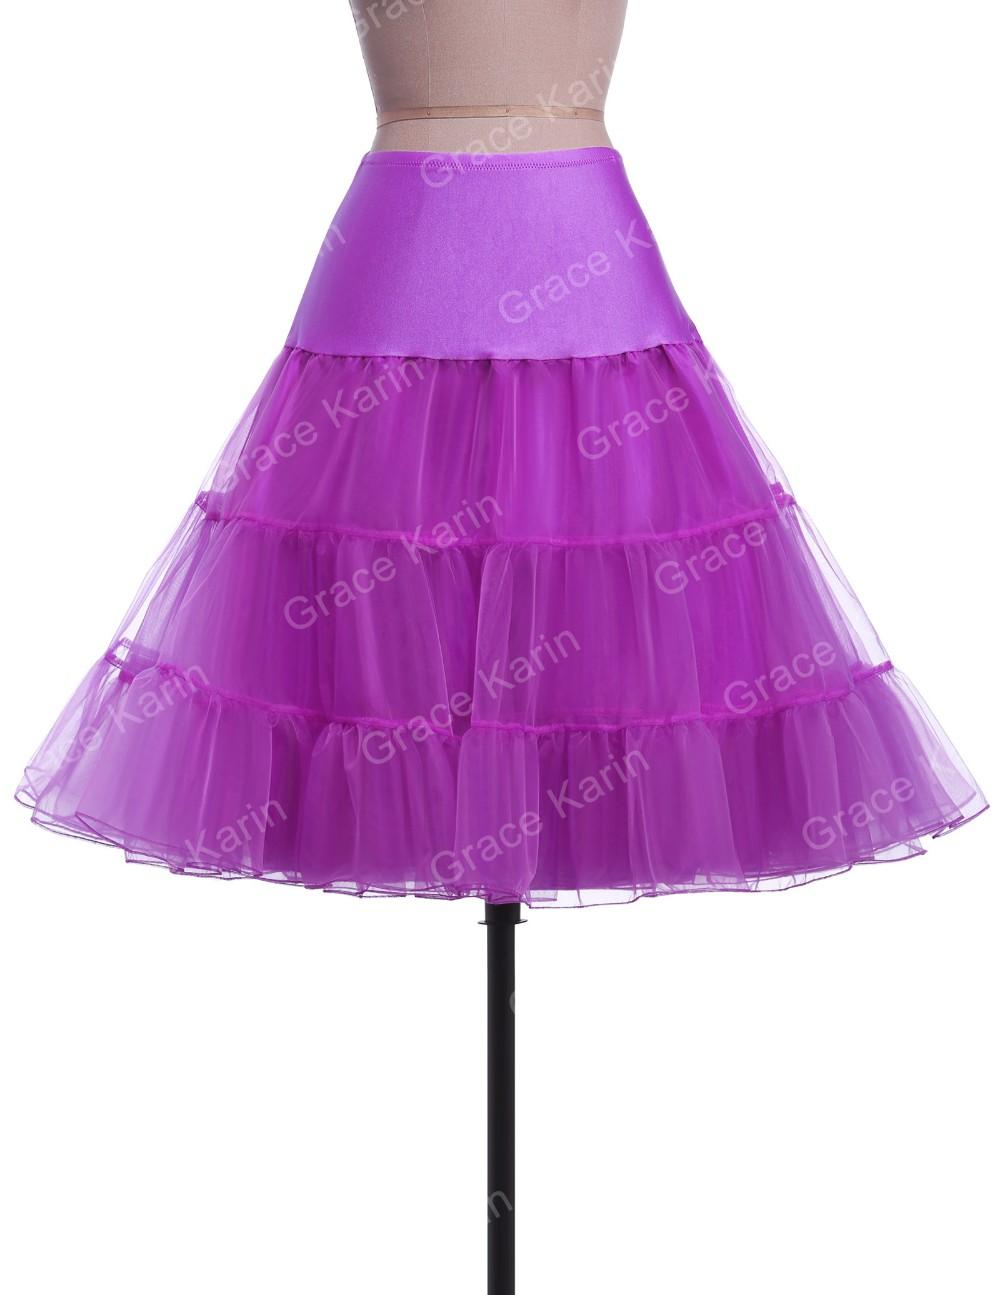 Gnade Karin Frauen A-linie Kurze Retro Kleid Vintage Krinoline ...